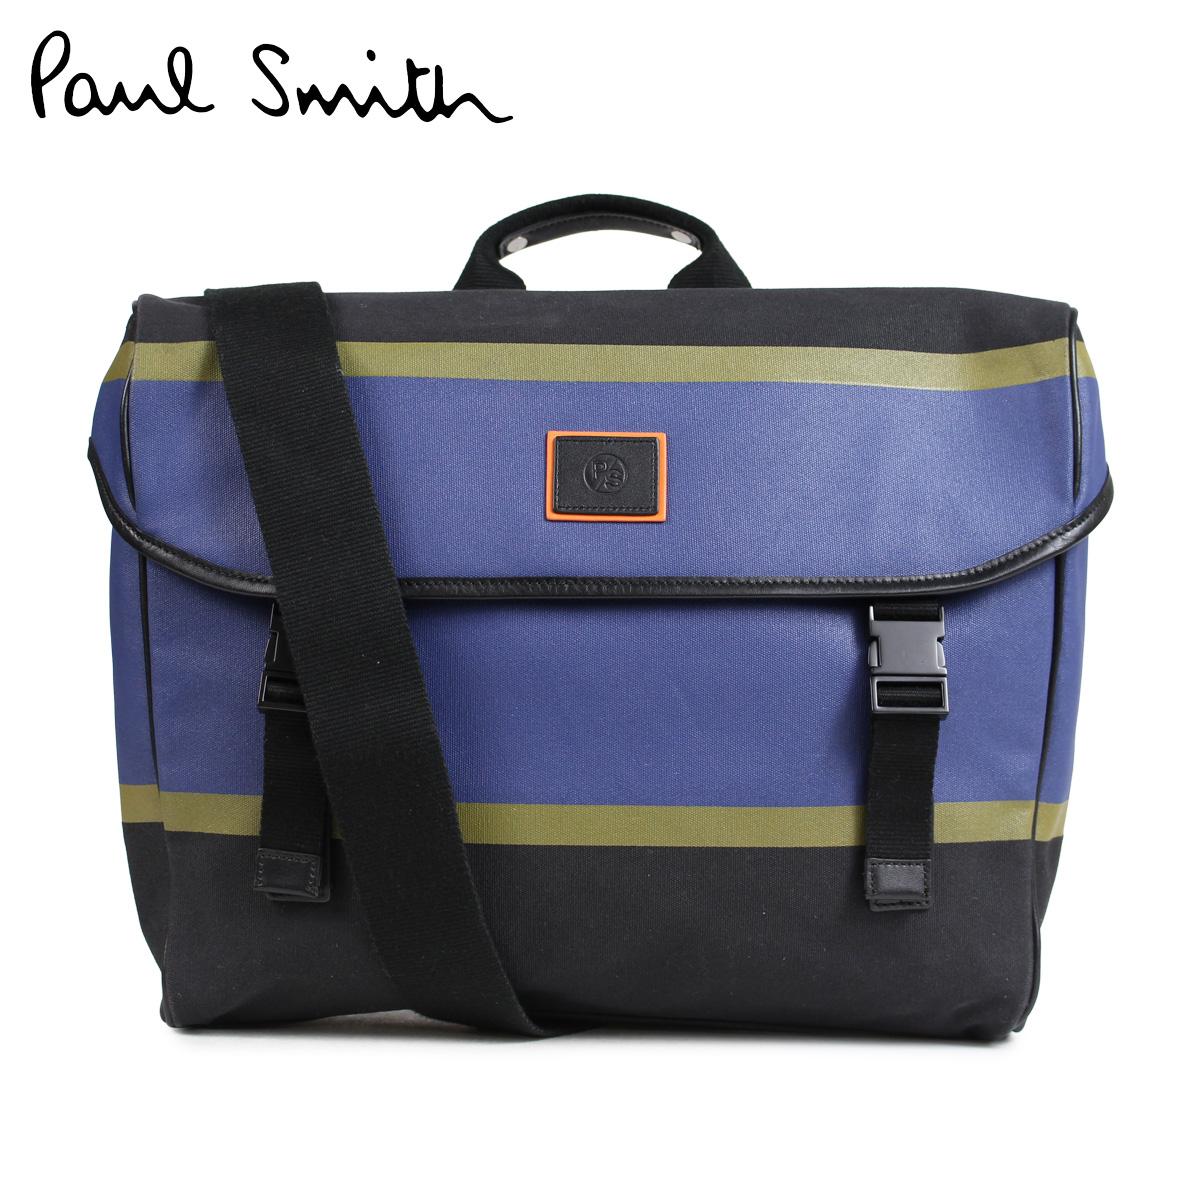 【最大2000円OFFクーポン】 ポールスミス Paul Smith バッグ メッセンジャーバッグ メンズ MESSENGER BAG ブラック ASXD 5007 L841